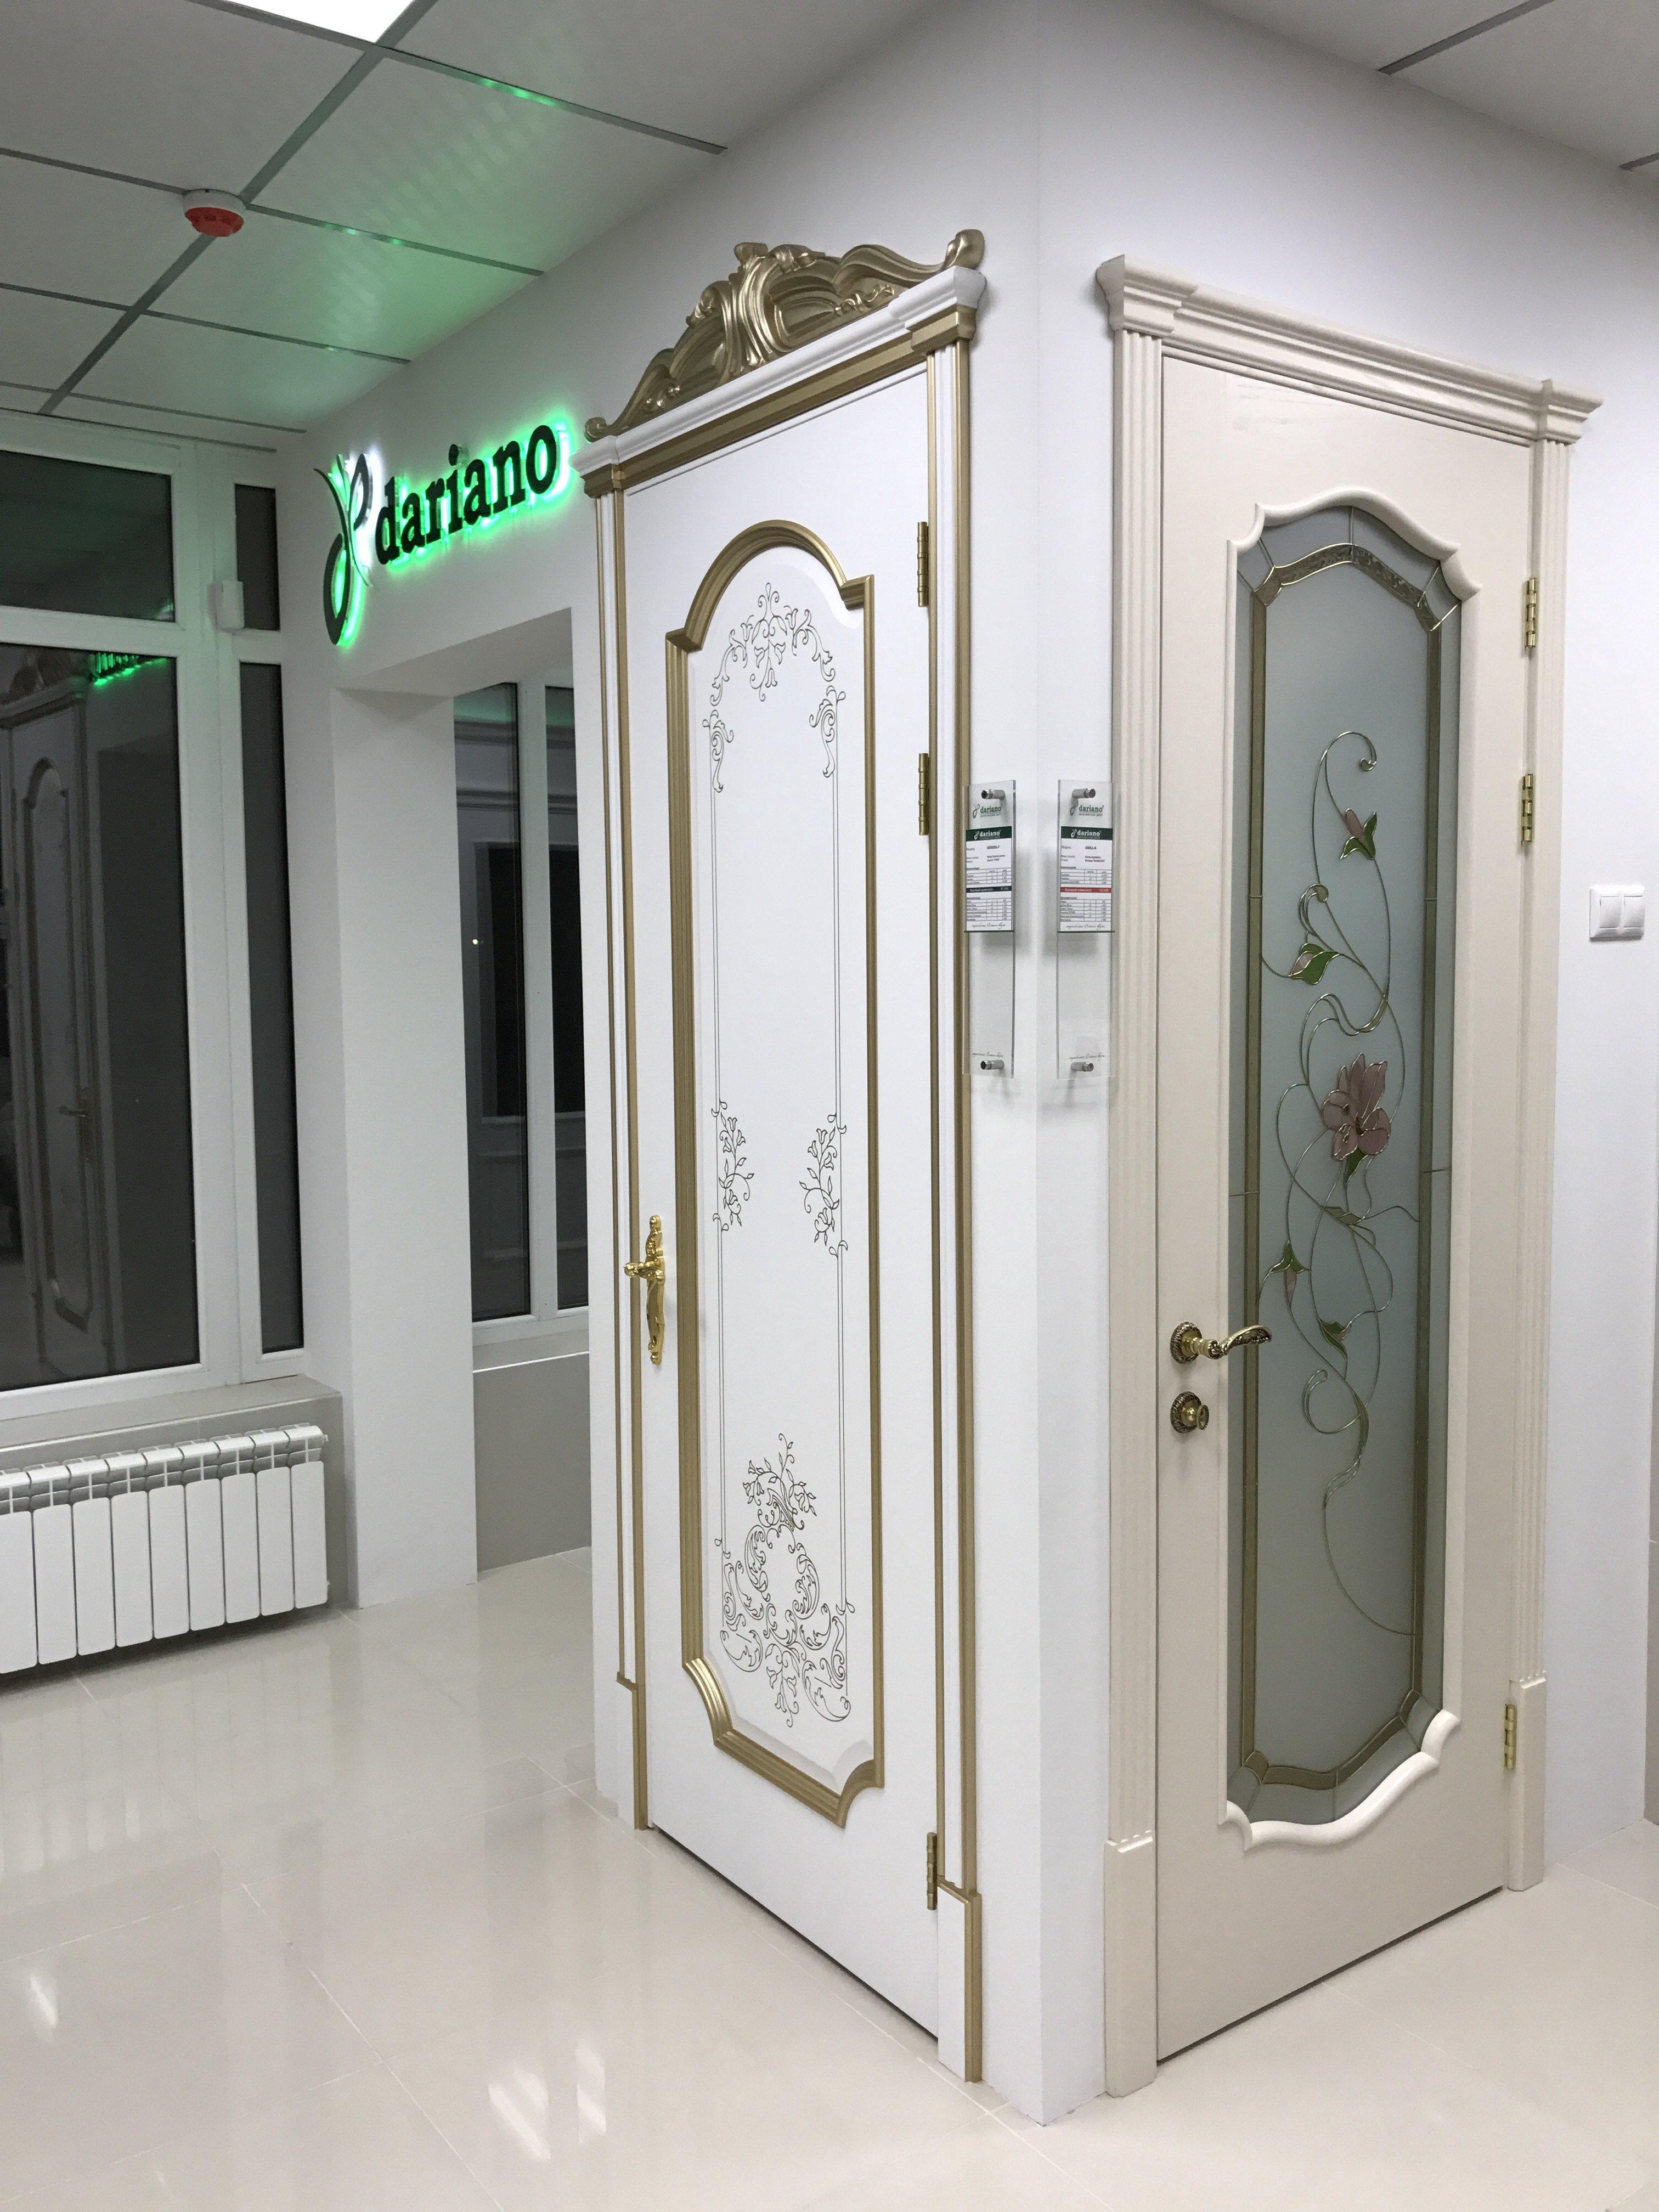 DARIANO, фирменный салон межкомнатных дверей, Фряновское шоссе, 64 к1 (2 этаж)